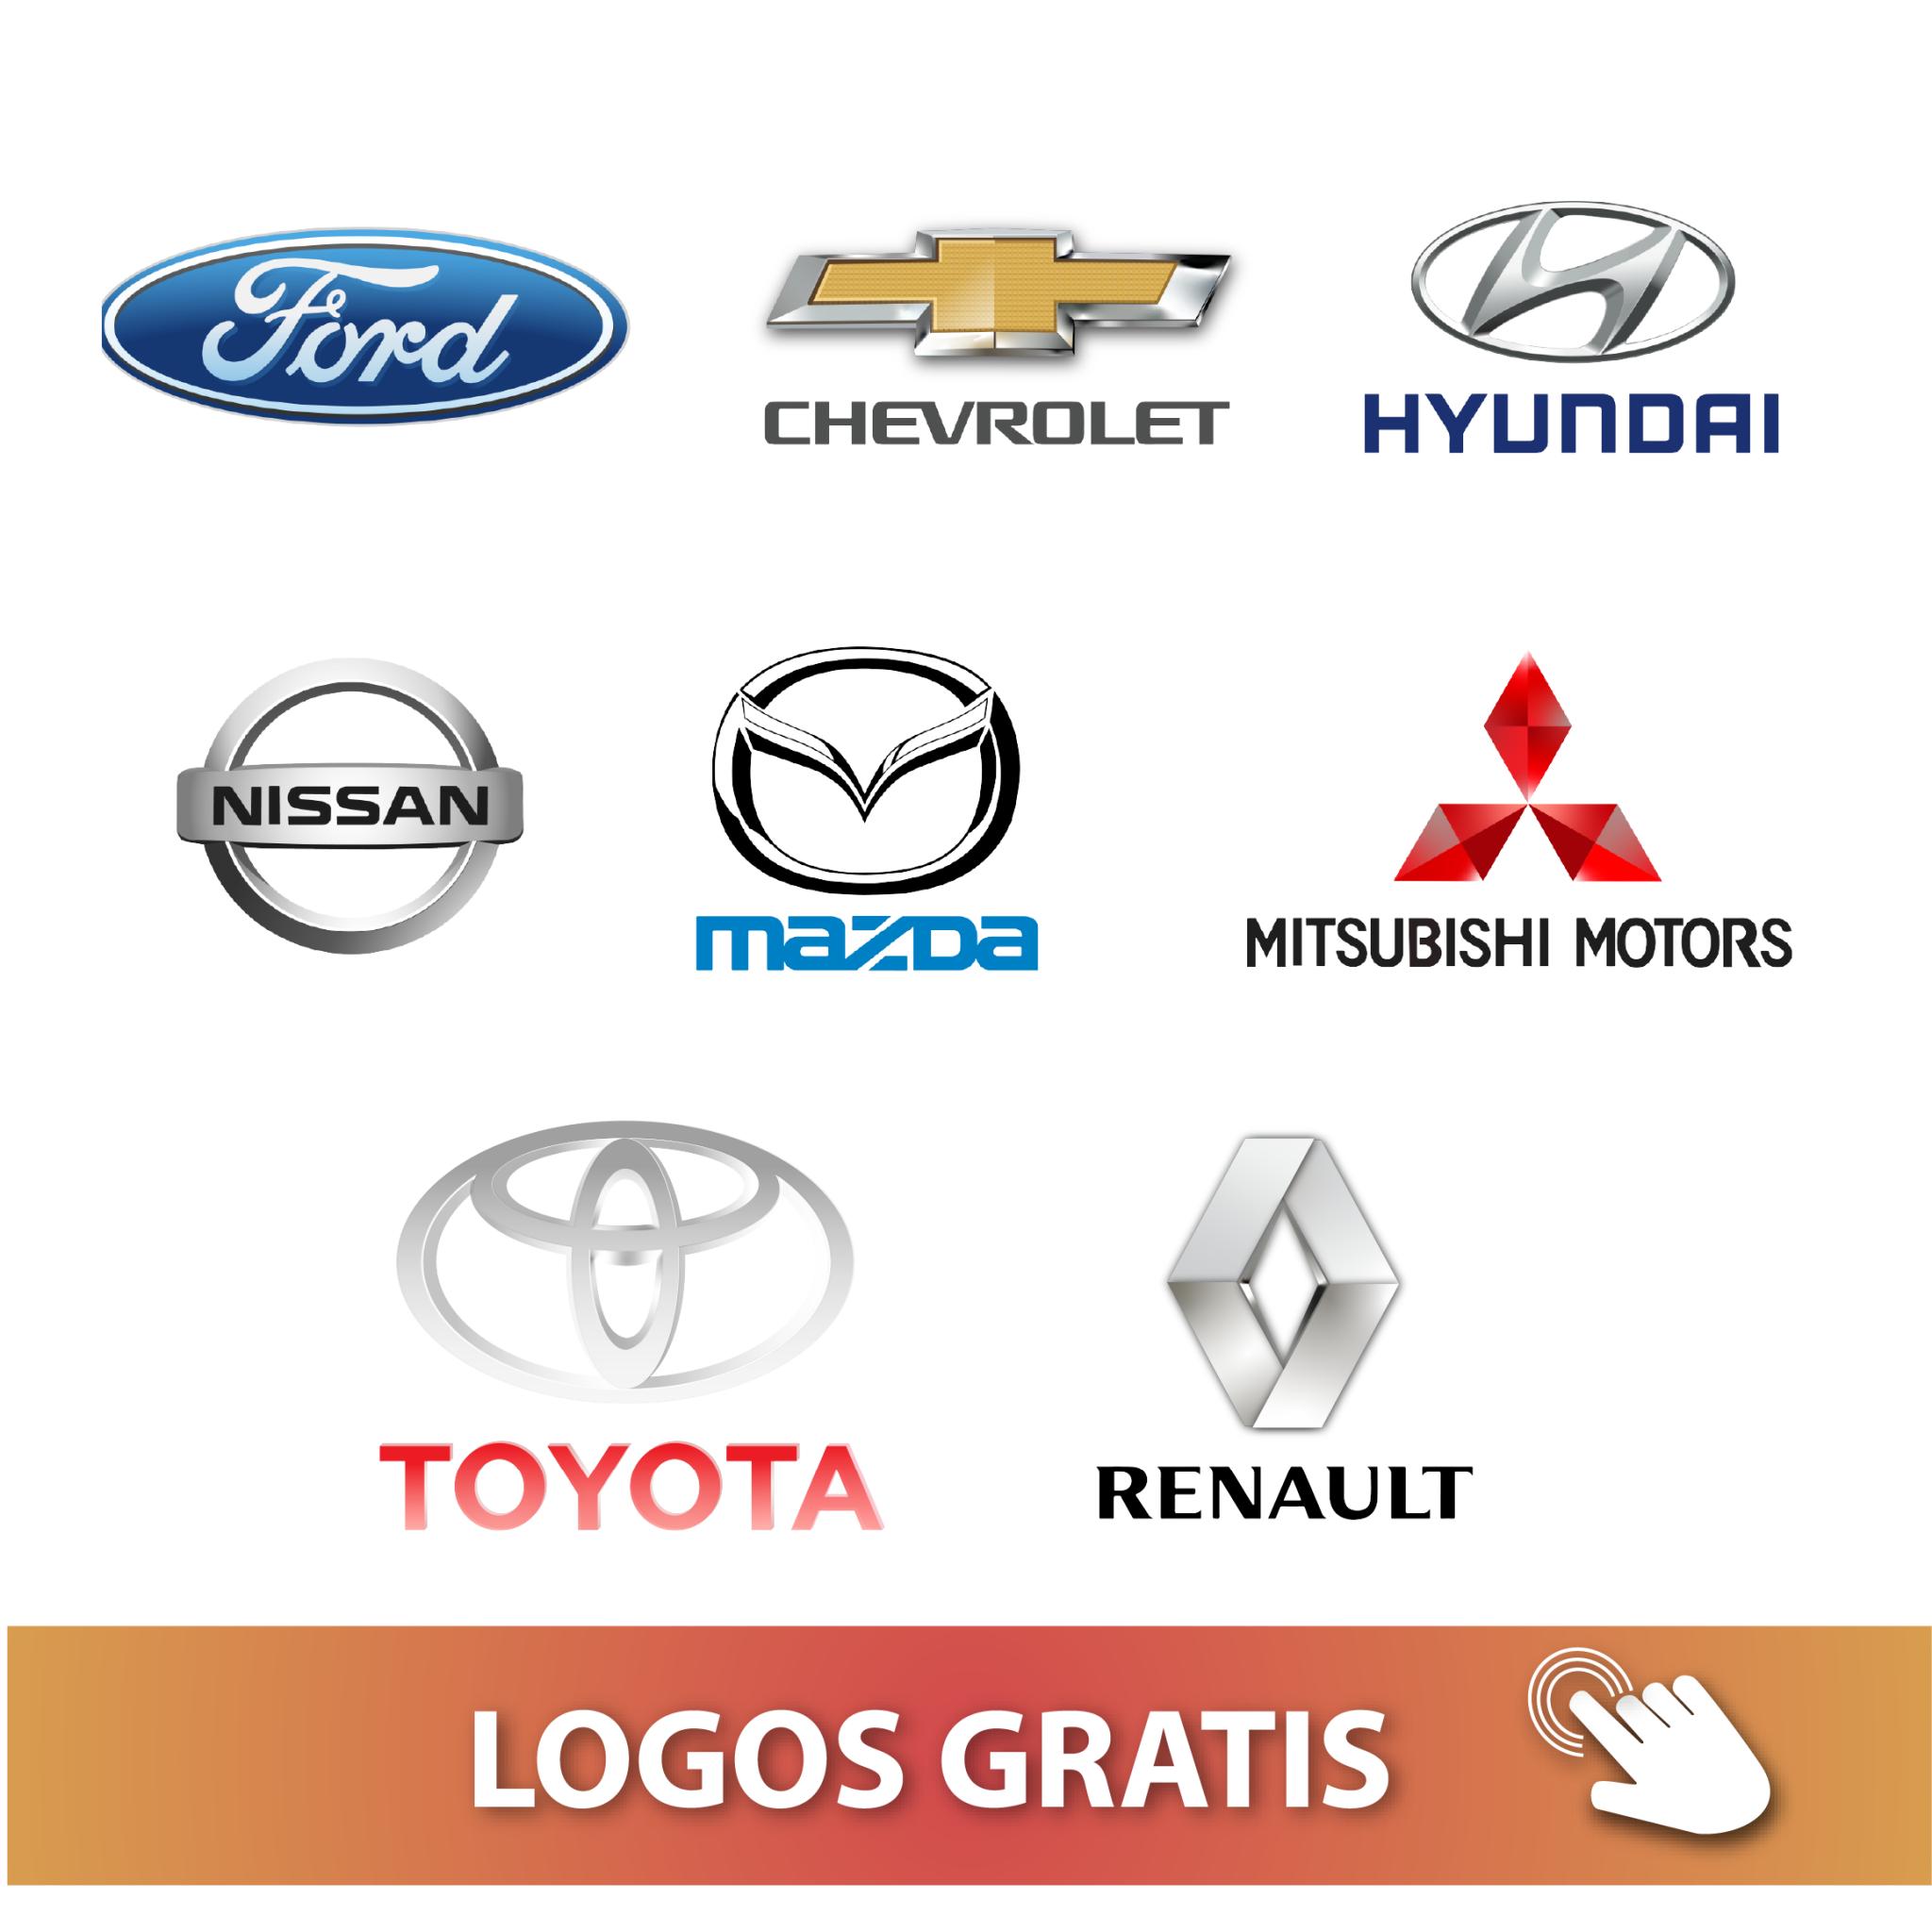 logos de autos gratis para descargar